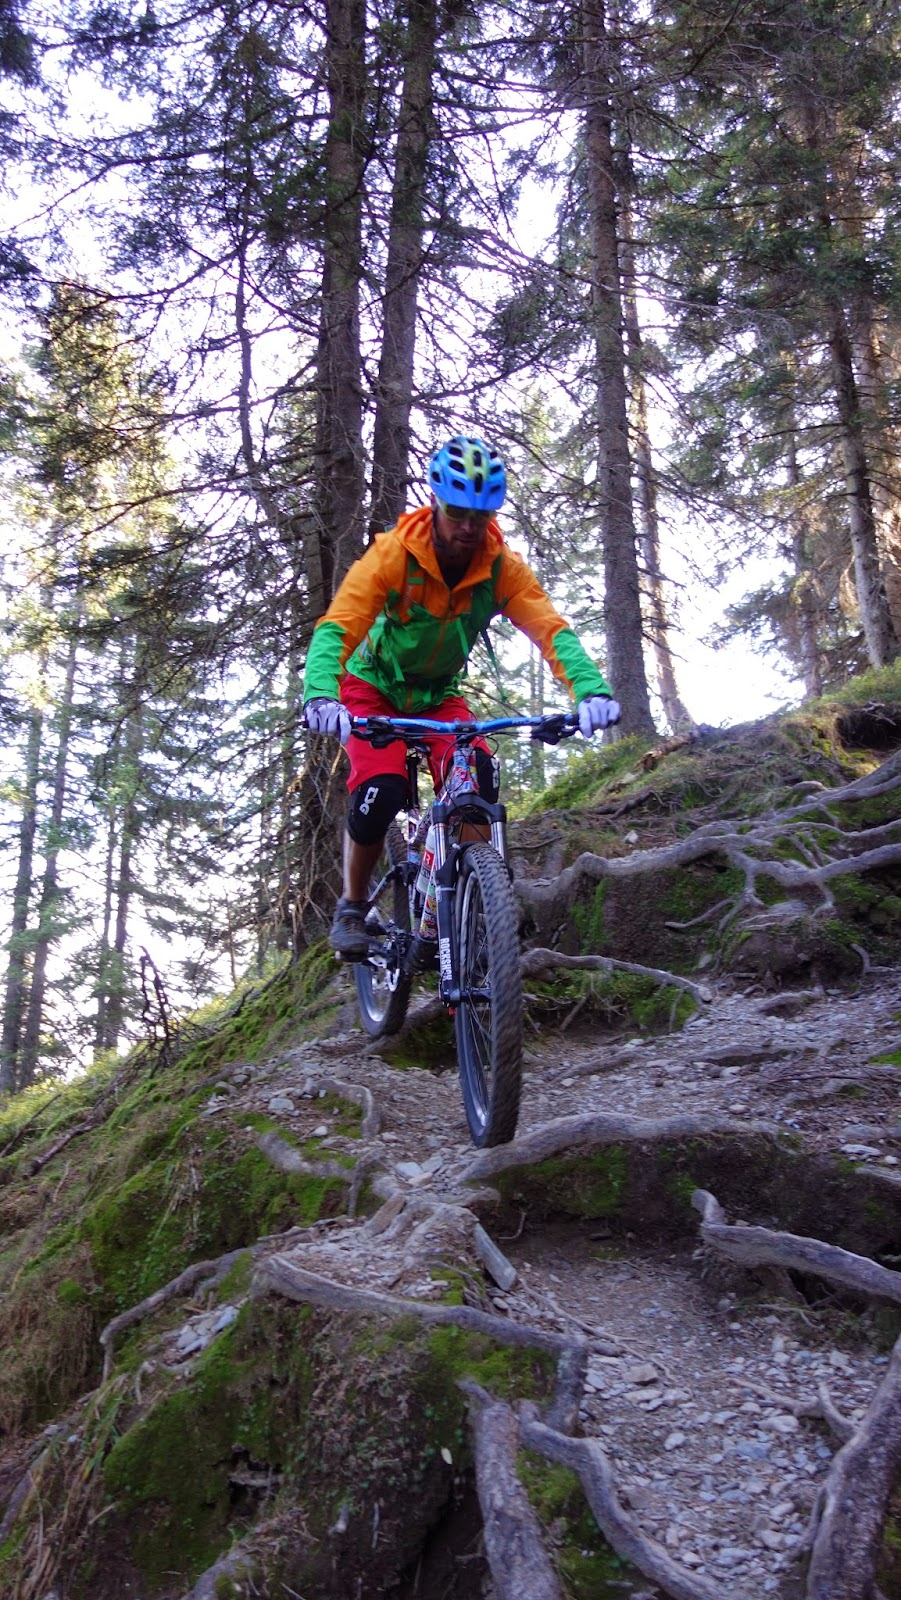 Mountainbike Guide Wilschönau mtb